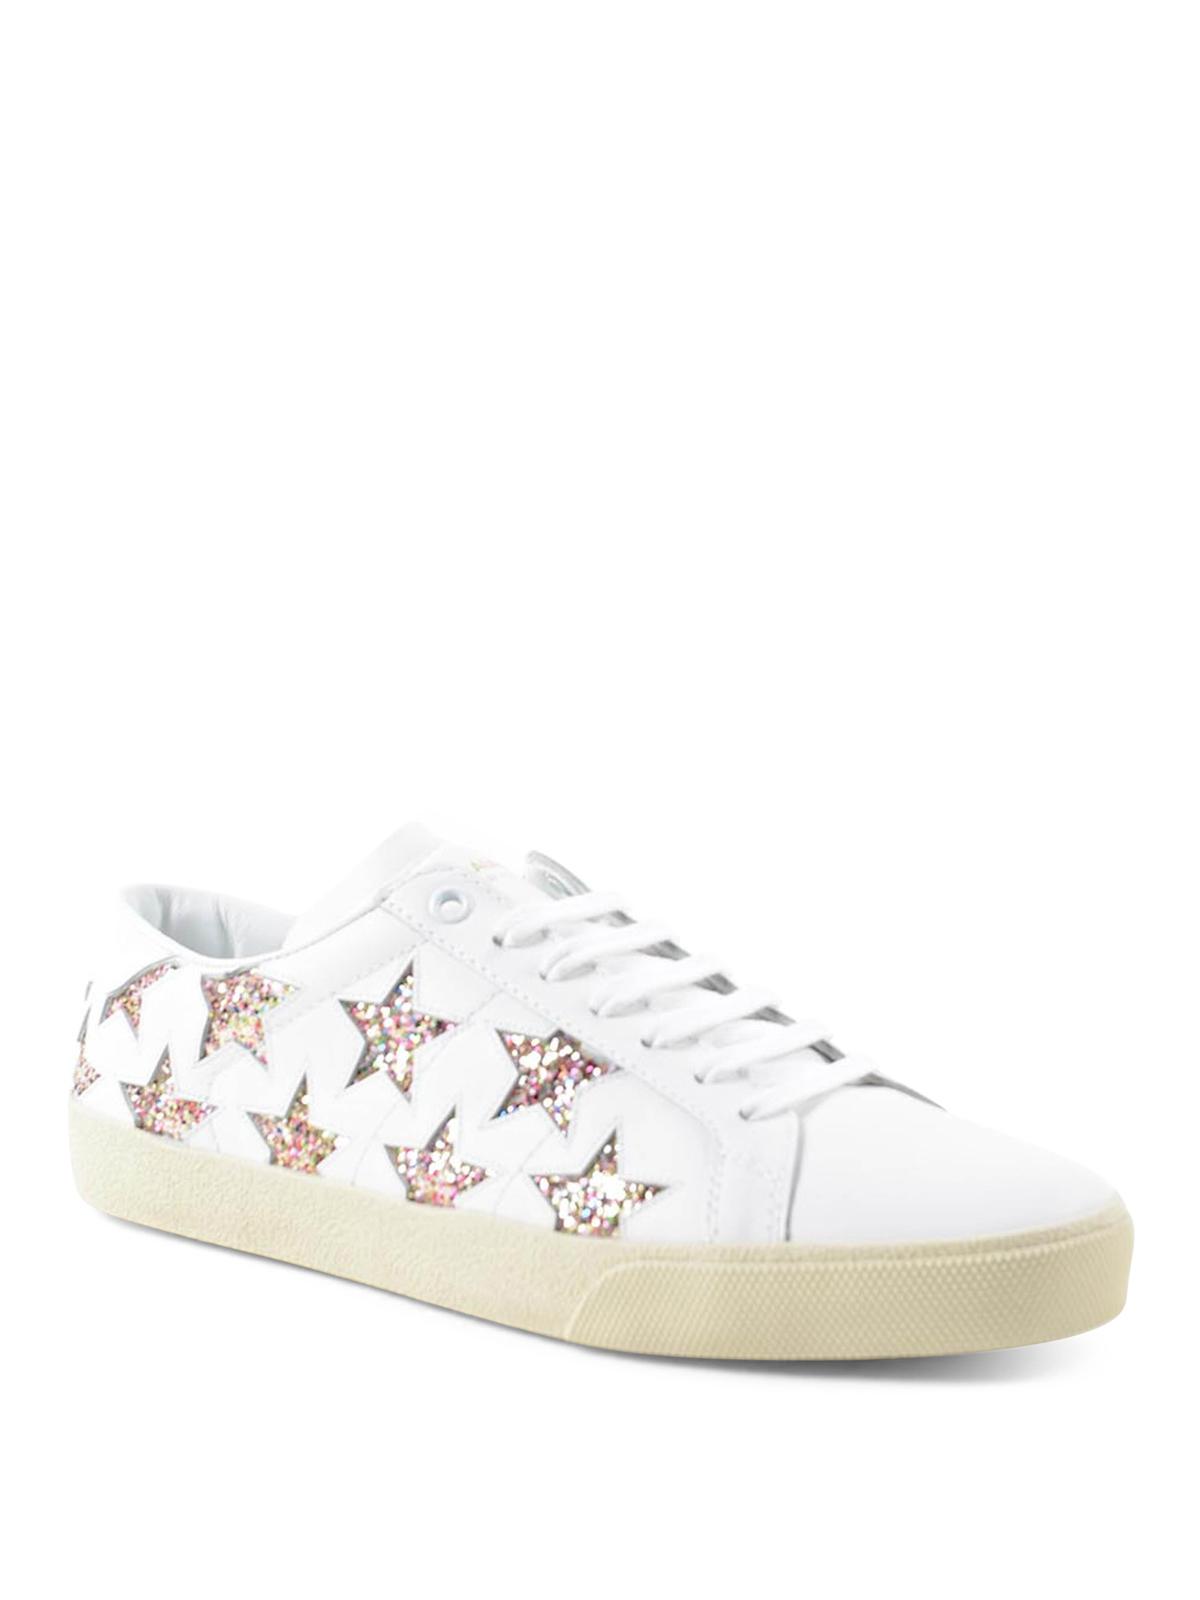 Saint Laurent - Star glitter sneakers